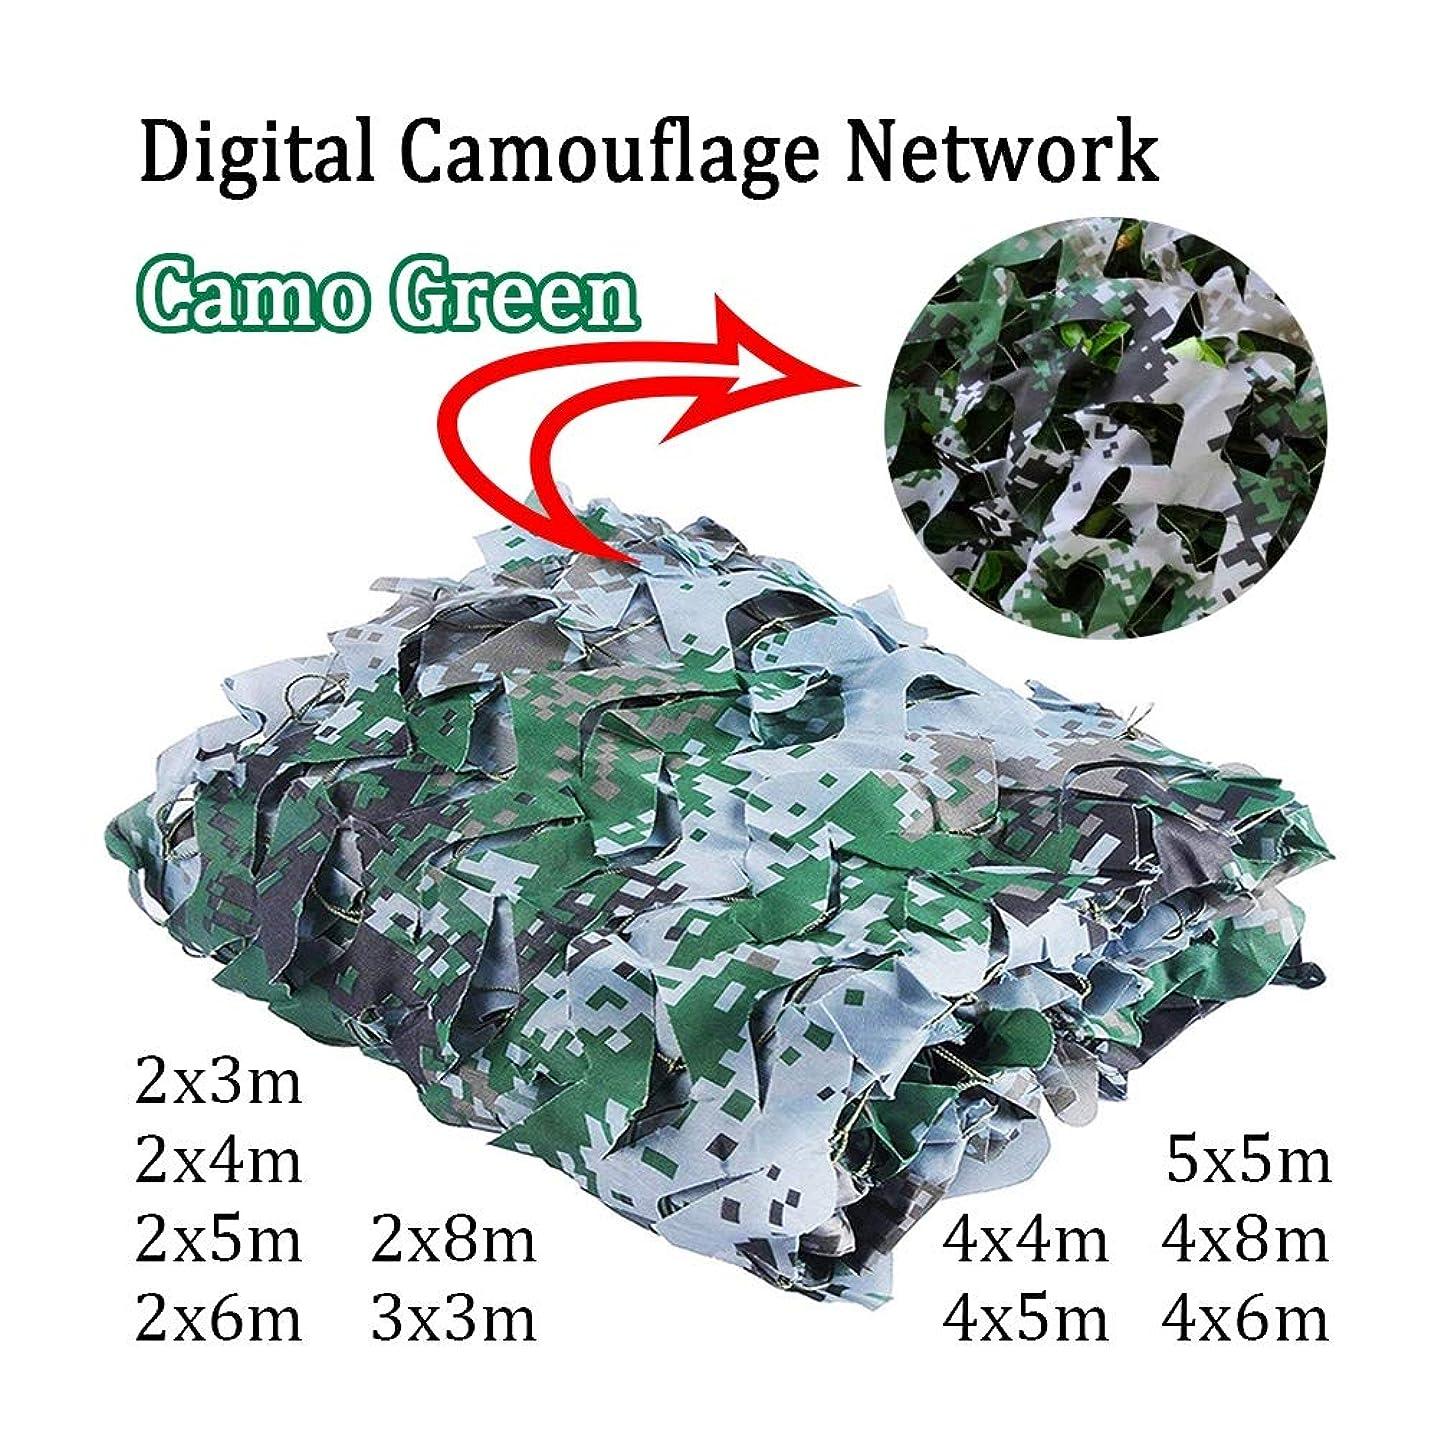 会計士もっともらしい州3X6m /アウトドアキャンプ迷彩ネットカモ軍事ネットカーカバー陸軍ハイキング日シェルターテント狩猟ブラインドFOTアウトドア隠し撮影9.8x19.7ft (Color : -, Size : 2x8m/6.6x26ft)